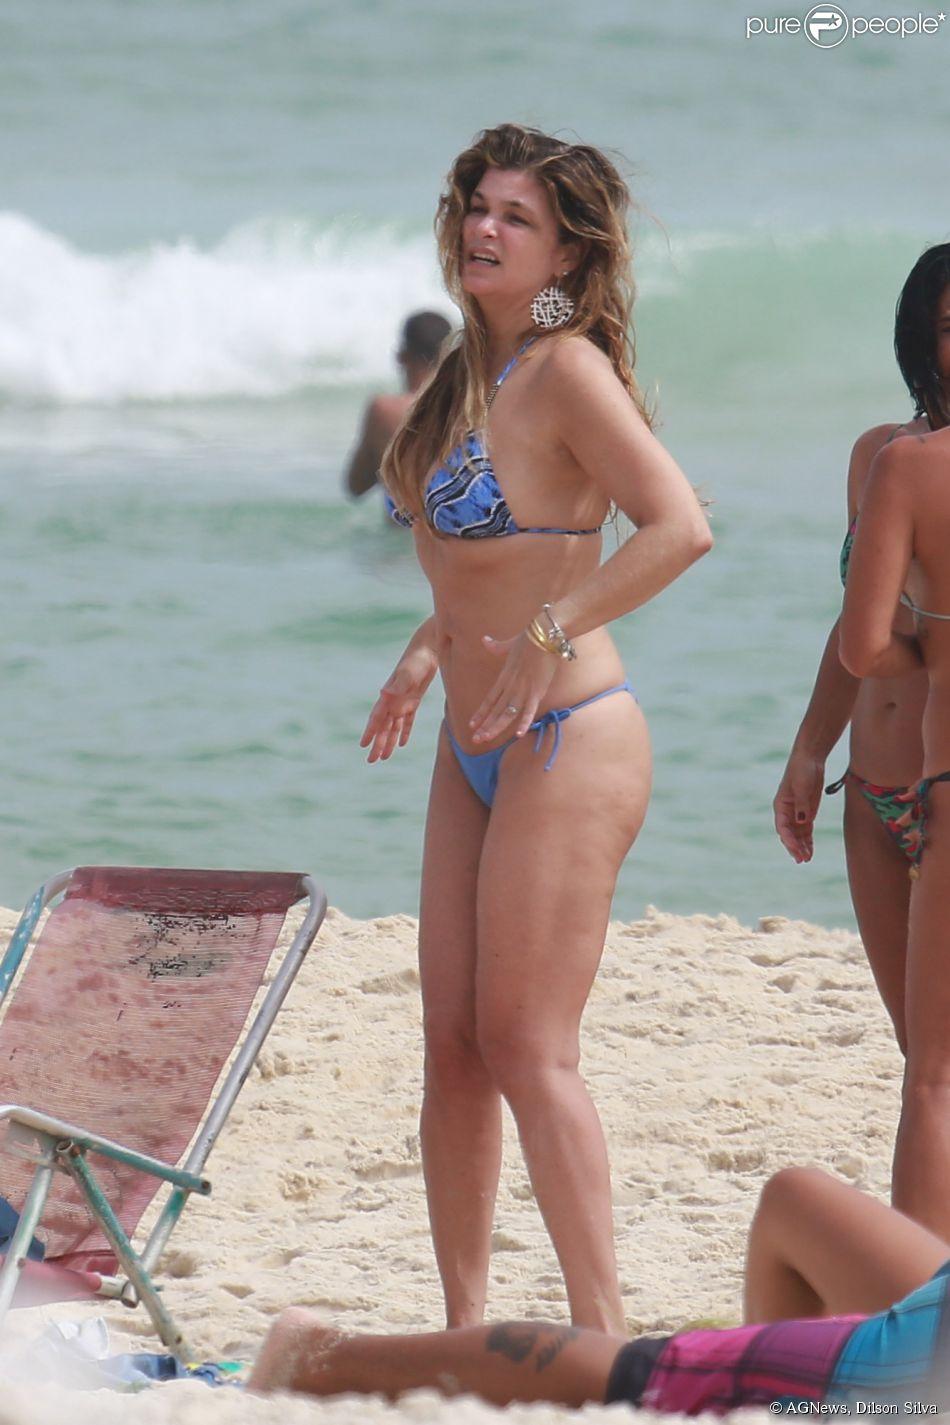 Cristiana Oliveira mostra boa forma na praia da Barra da Tijuca, Zona Oeste do Rio, nesta segunda-feira, 29 de dezembro de 2014